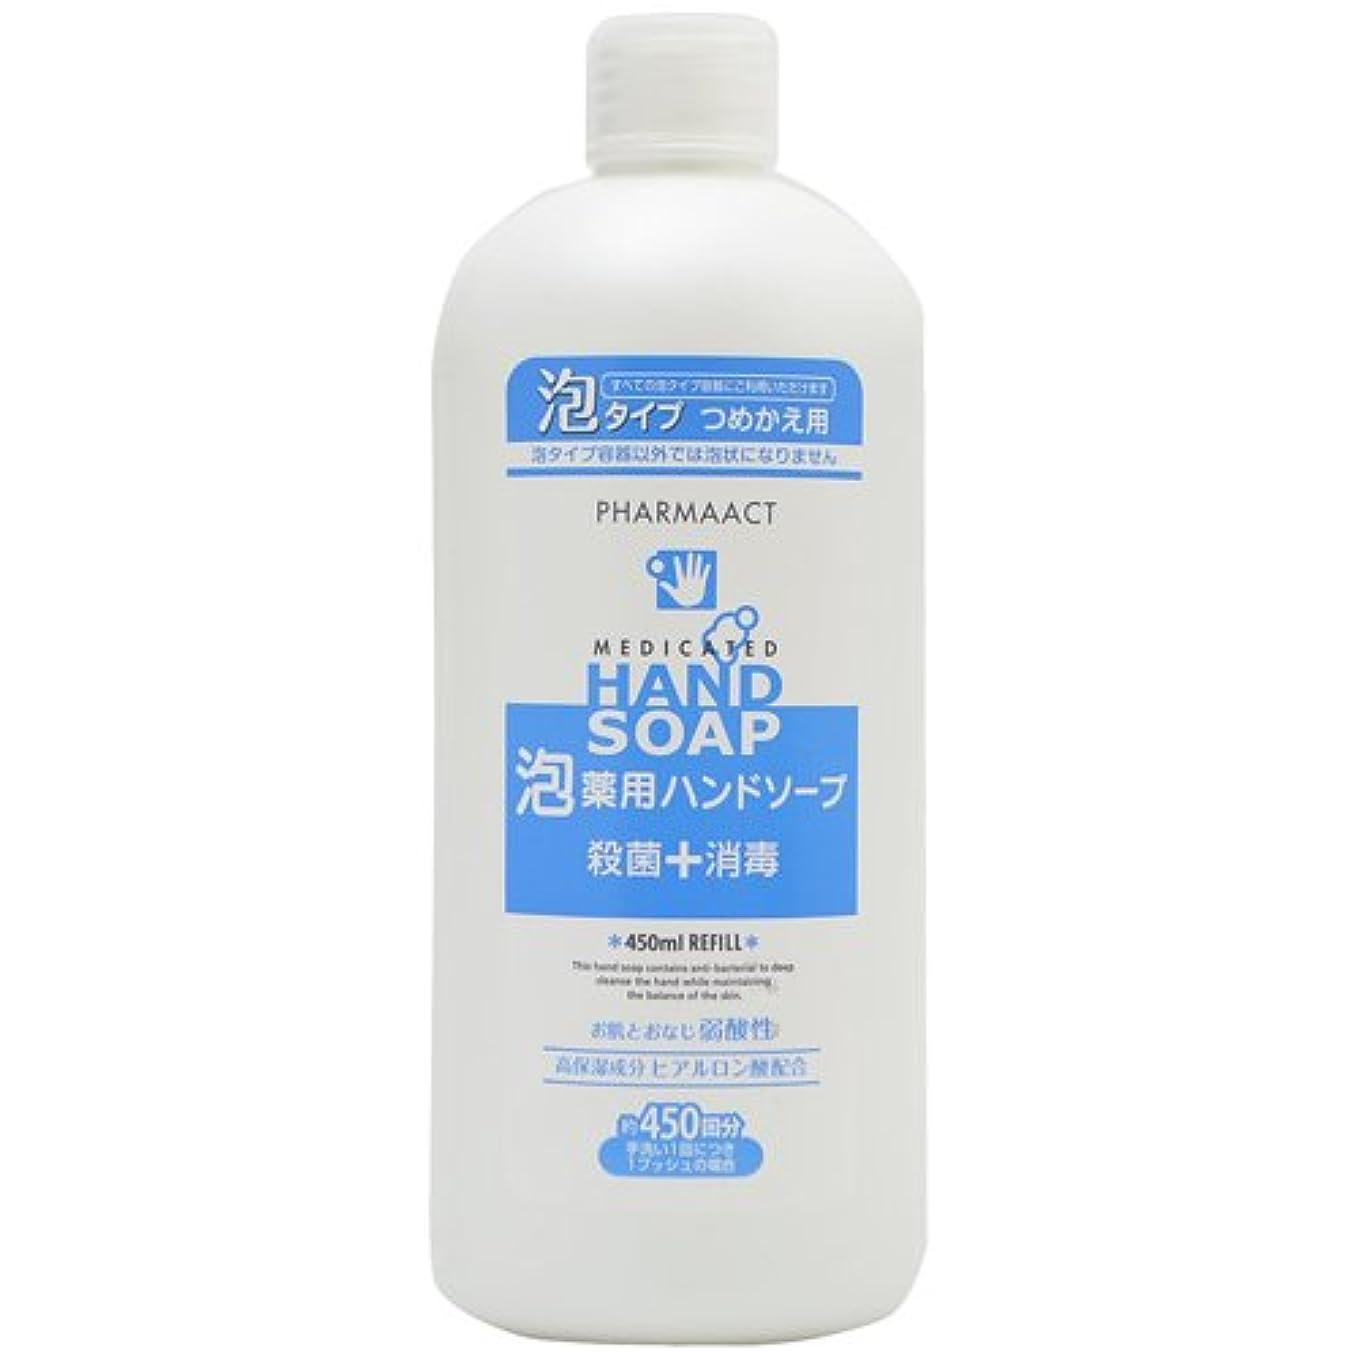 矢印洗剤バウンス熊野油脂 ファーマアクト 薬用泡ハンドソープ つめかえ用 450ml×24点セット (4513574017603)